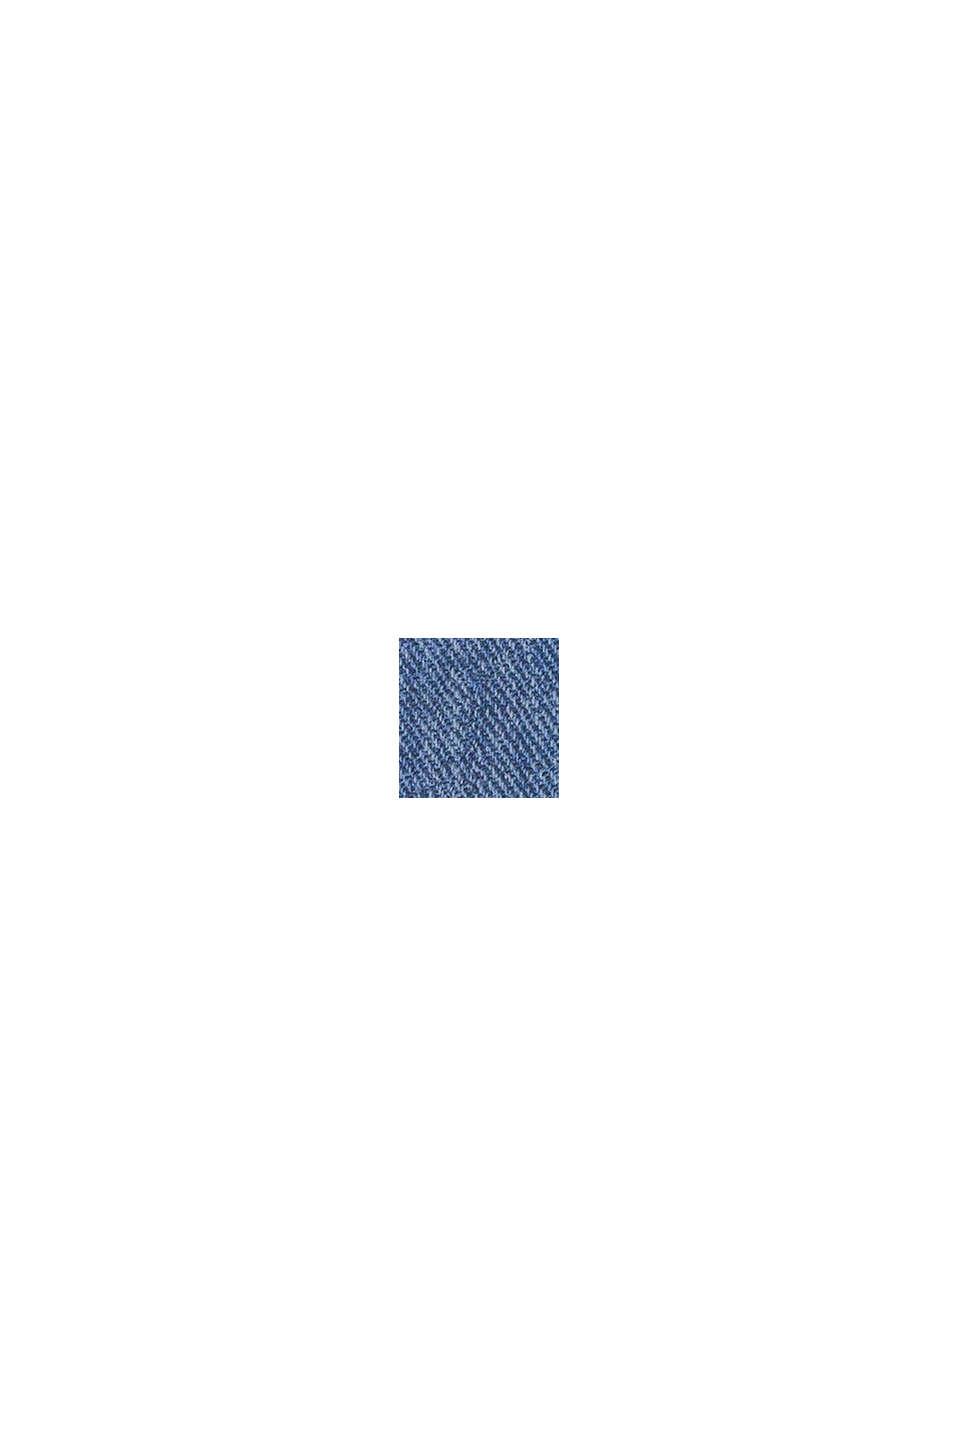 Gewatteerde jas met capuchon en fleece voering, BLUE, swatch